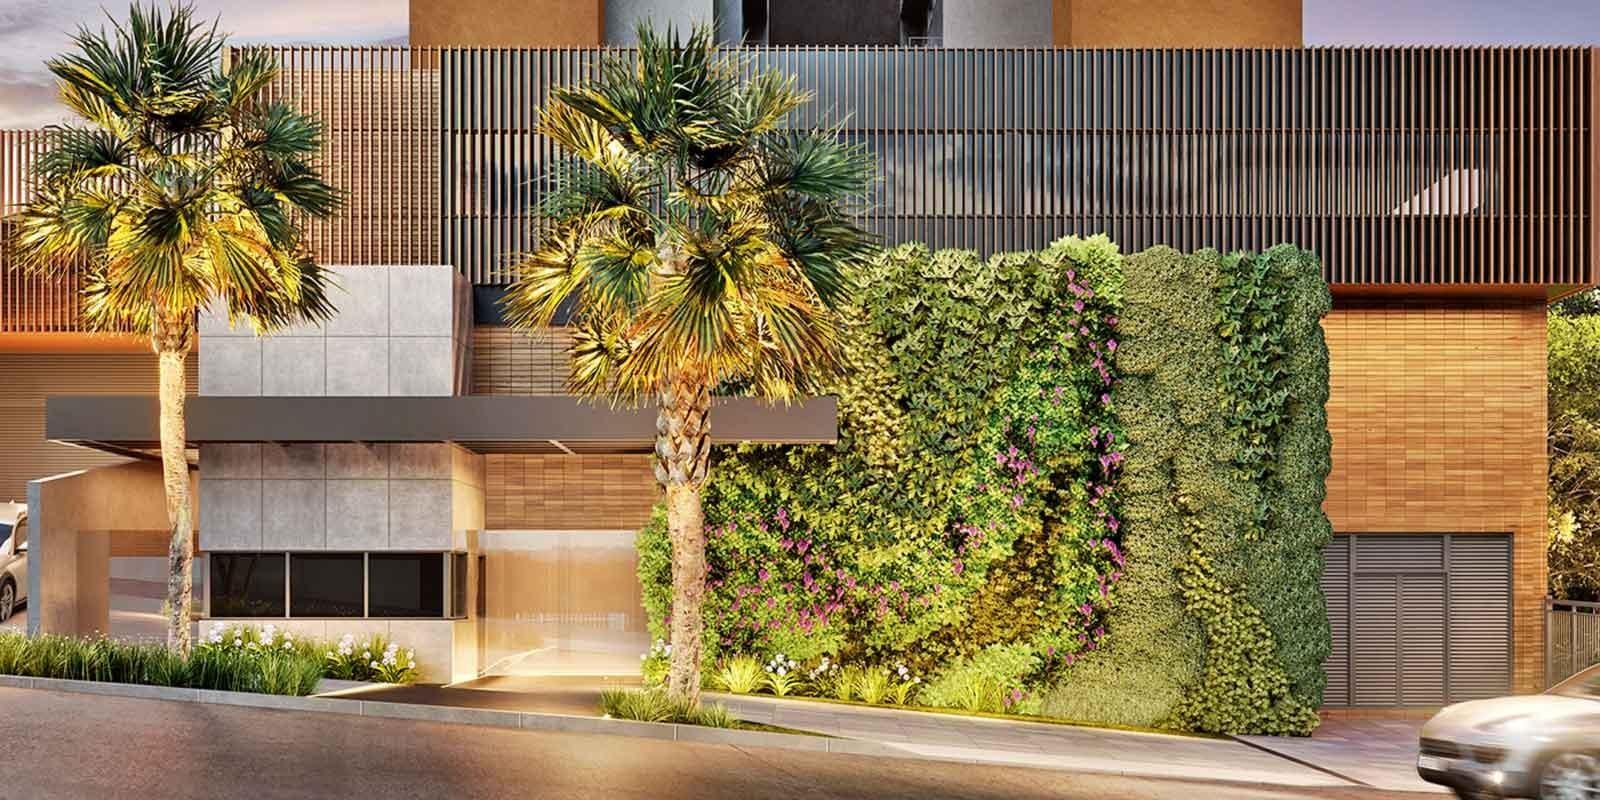 TPS Imóveis - Veja Foto 3 de 20 do Lindos Apartamentos com 3 Suítes Perto da Natureza